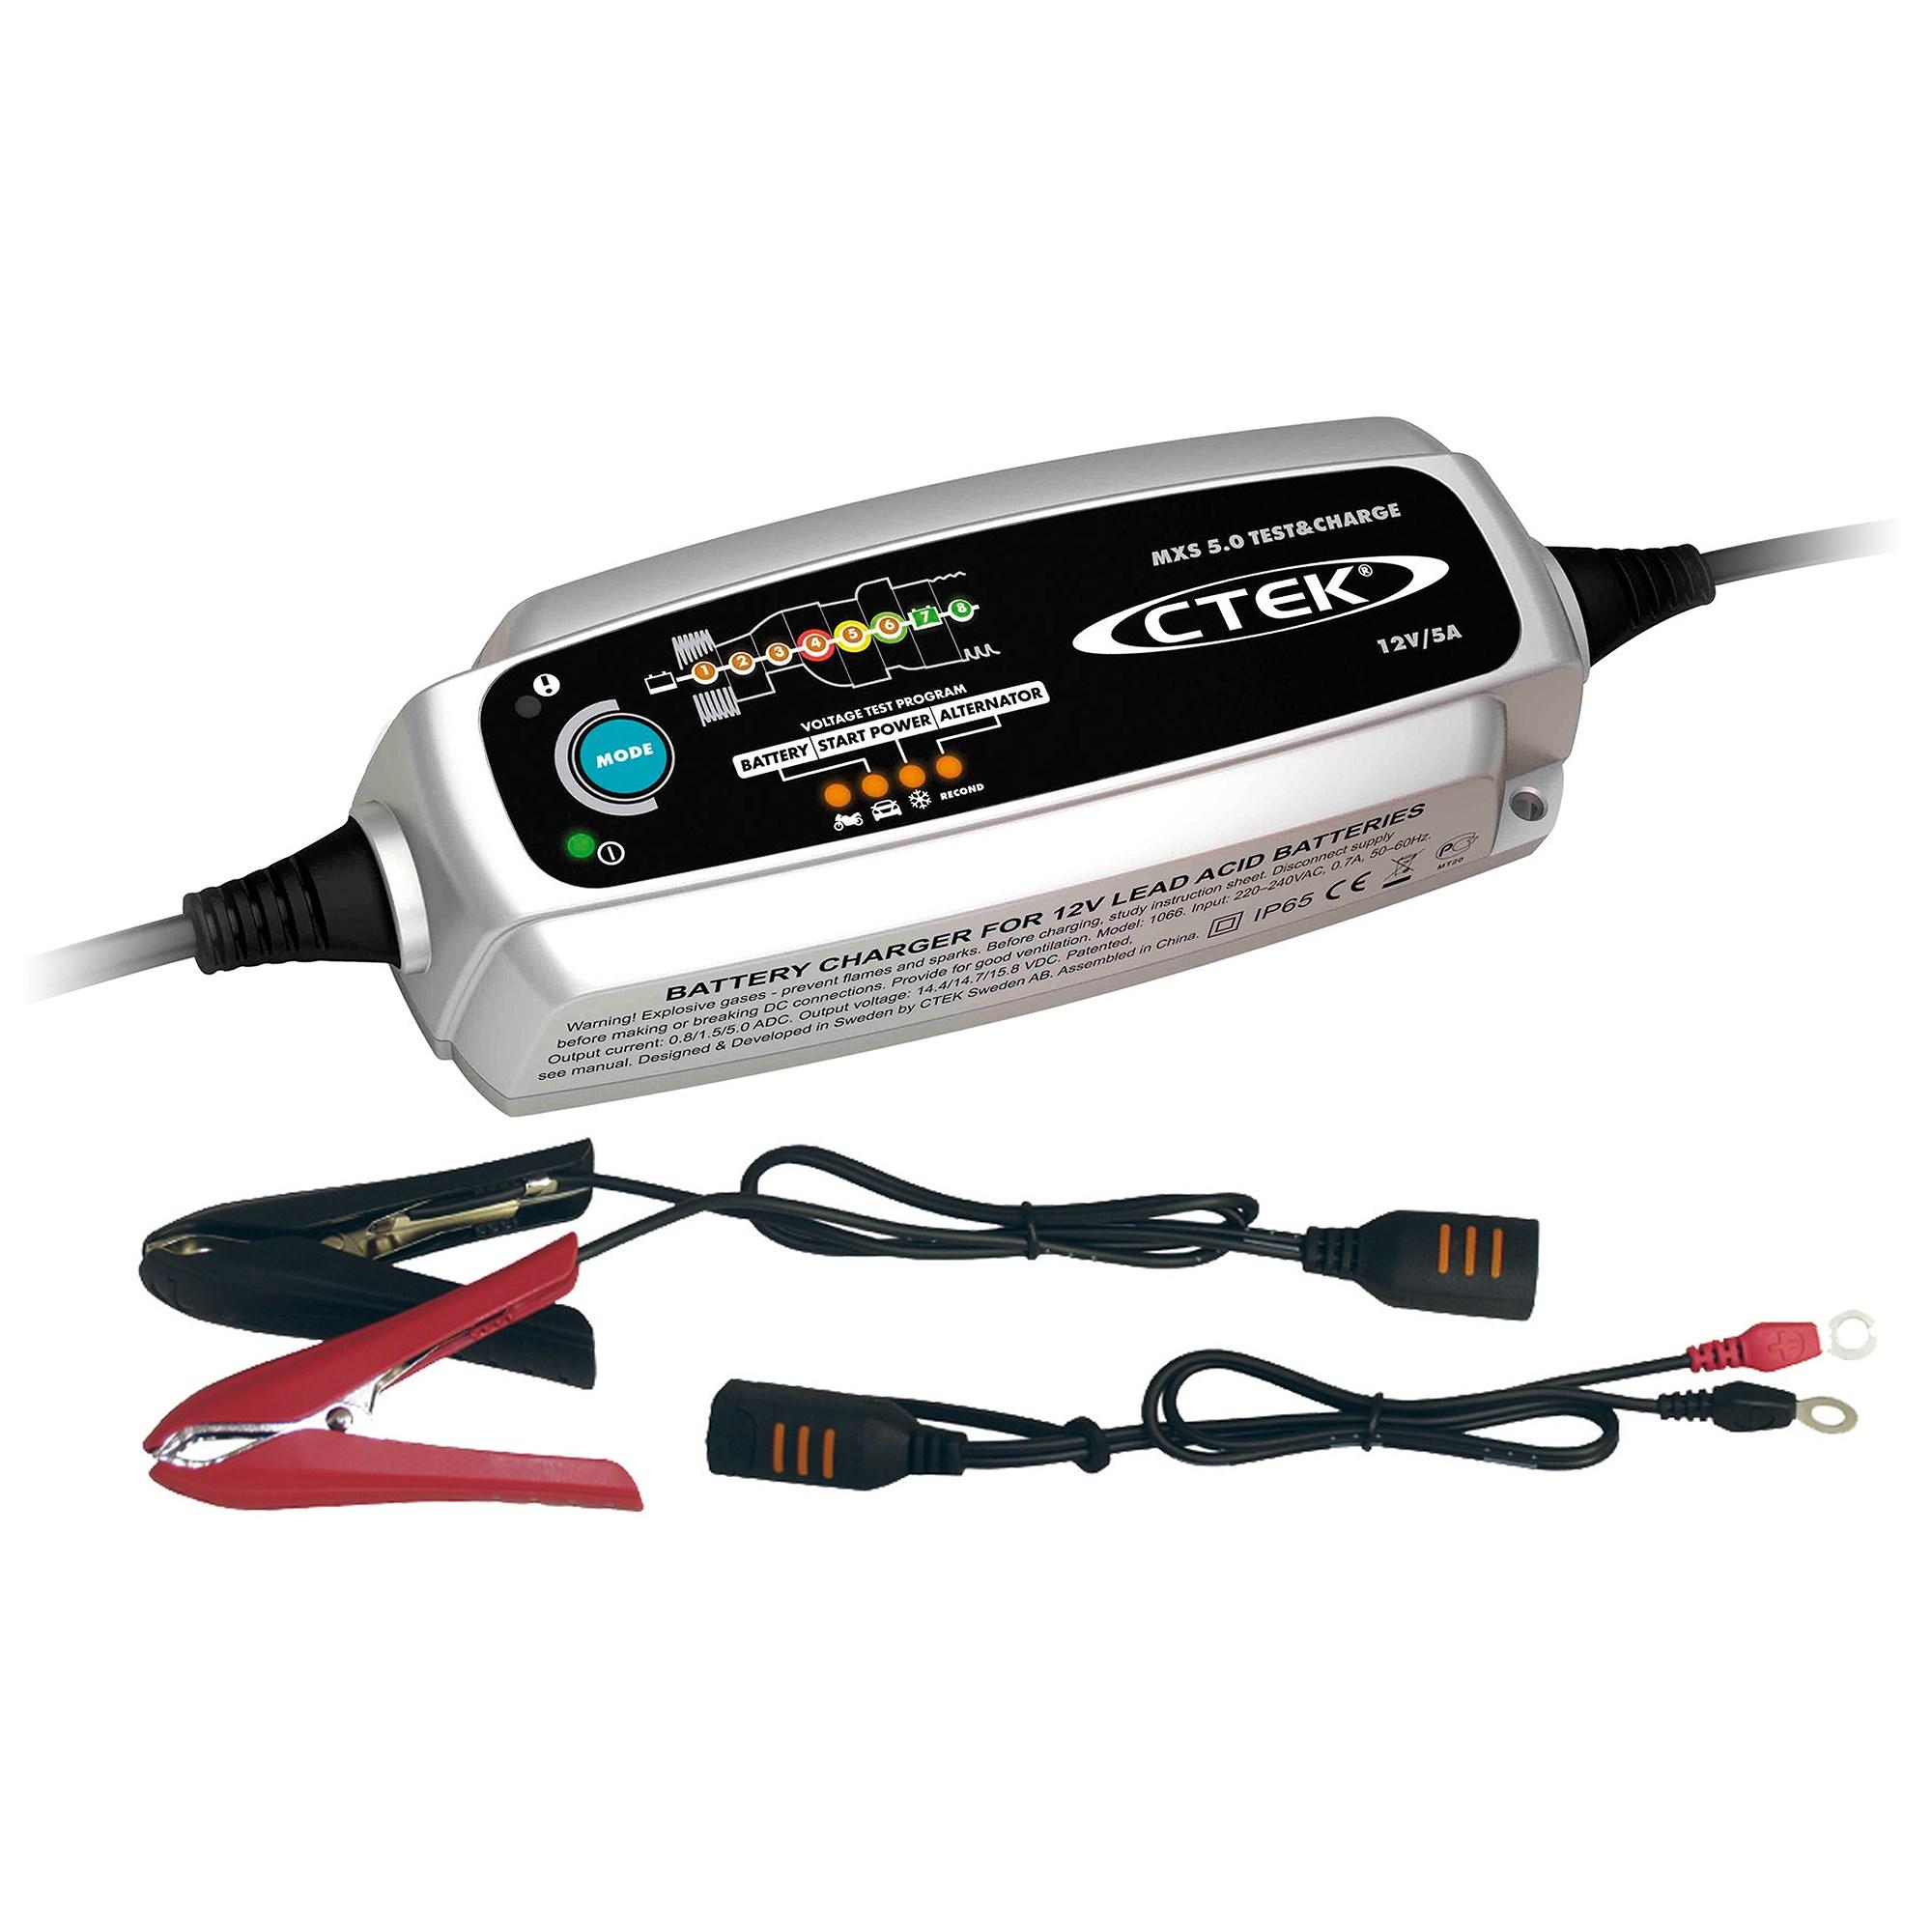 CTEK MXS 5.0 T & Ch Batterieladegerät 12V 0,85A